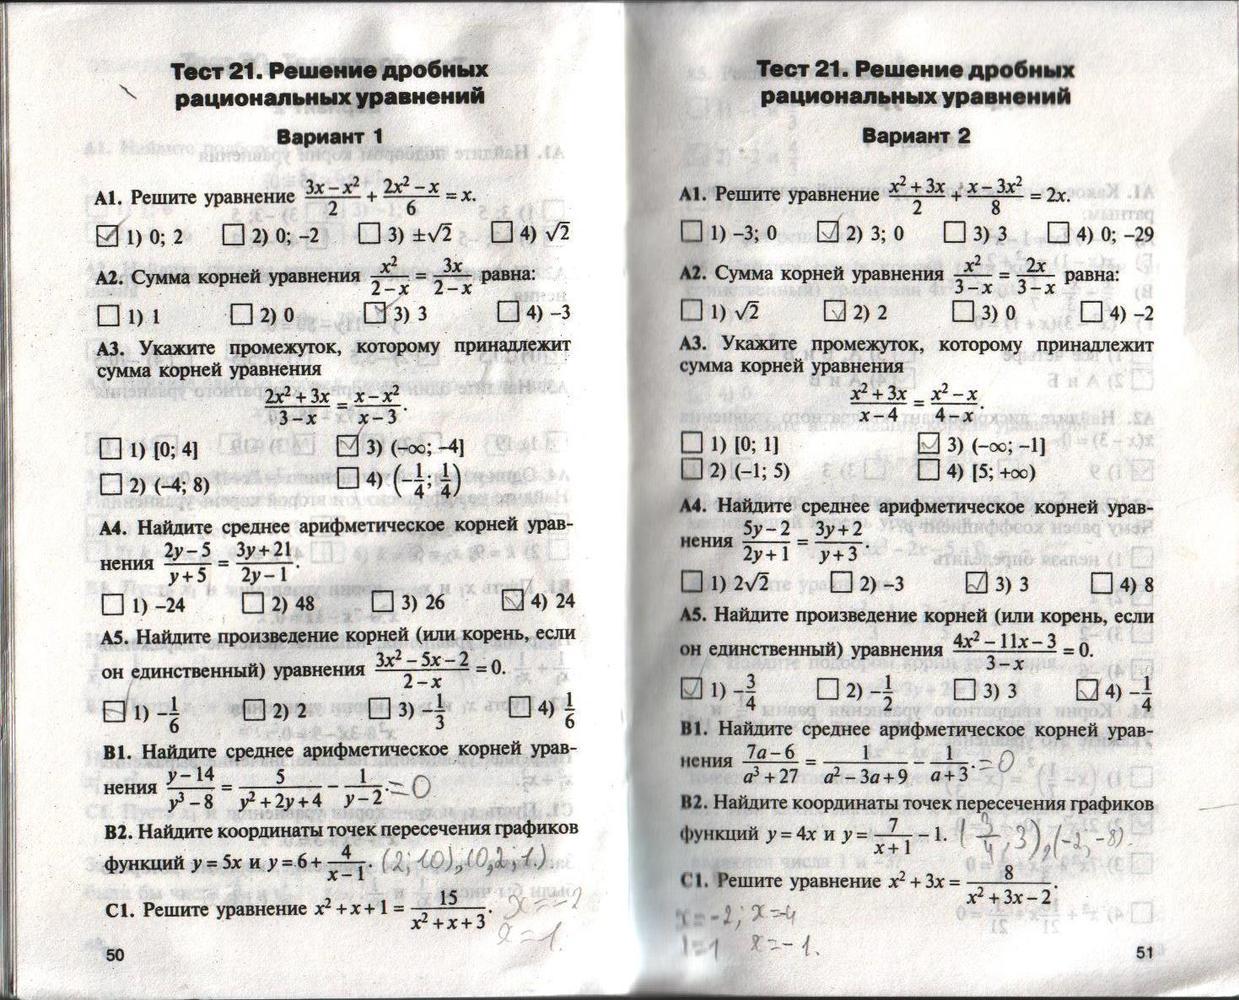 ГДЗ по алгебре класс Черноруцкий контрольно измерительные   50 51